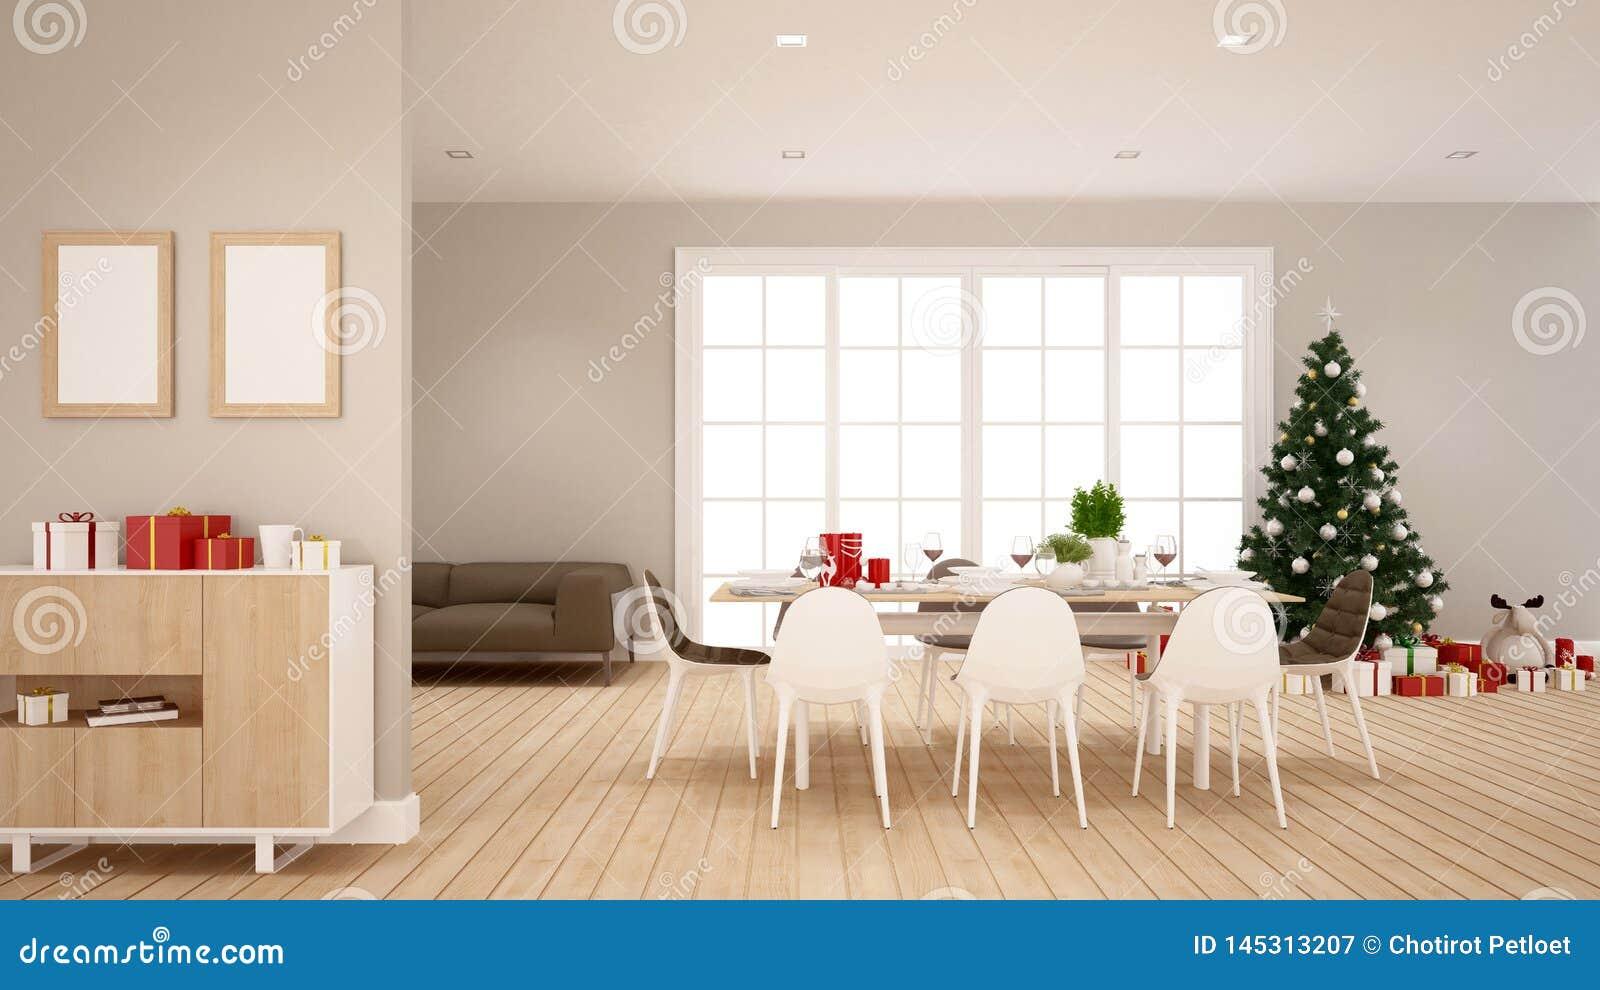 Jadalnia i choinka w domowym ro mieszkaniu 3D rendering - ilustracja dla święto bożęgo narodzenia -